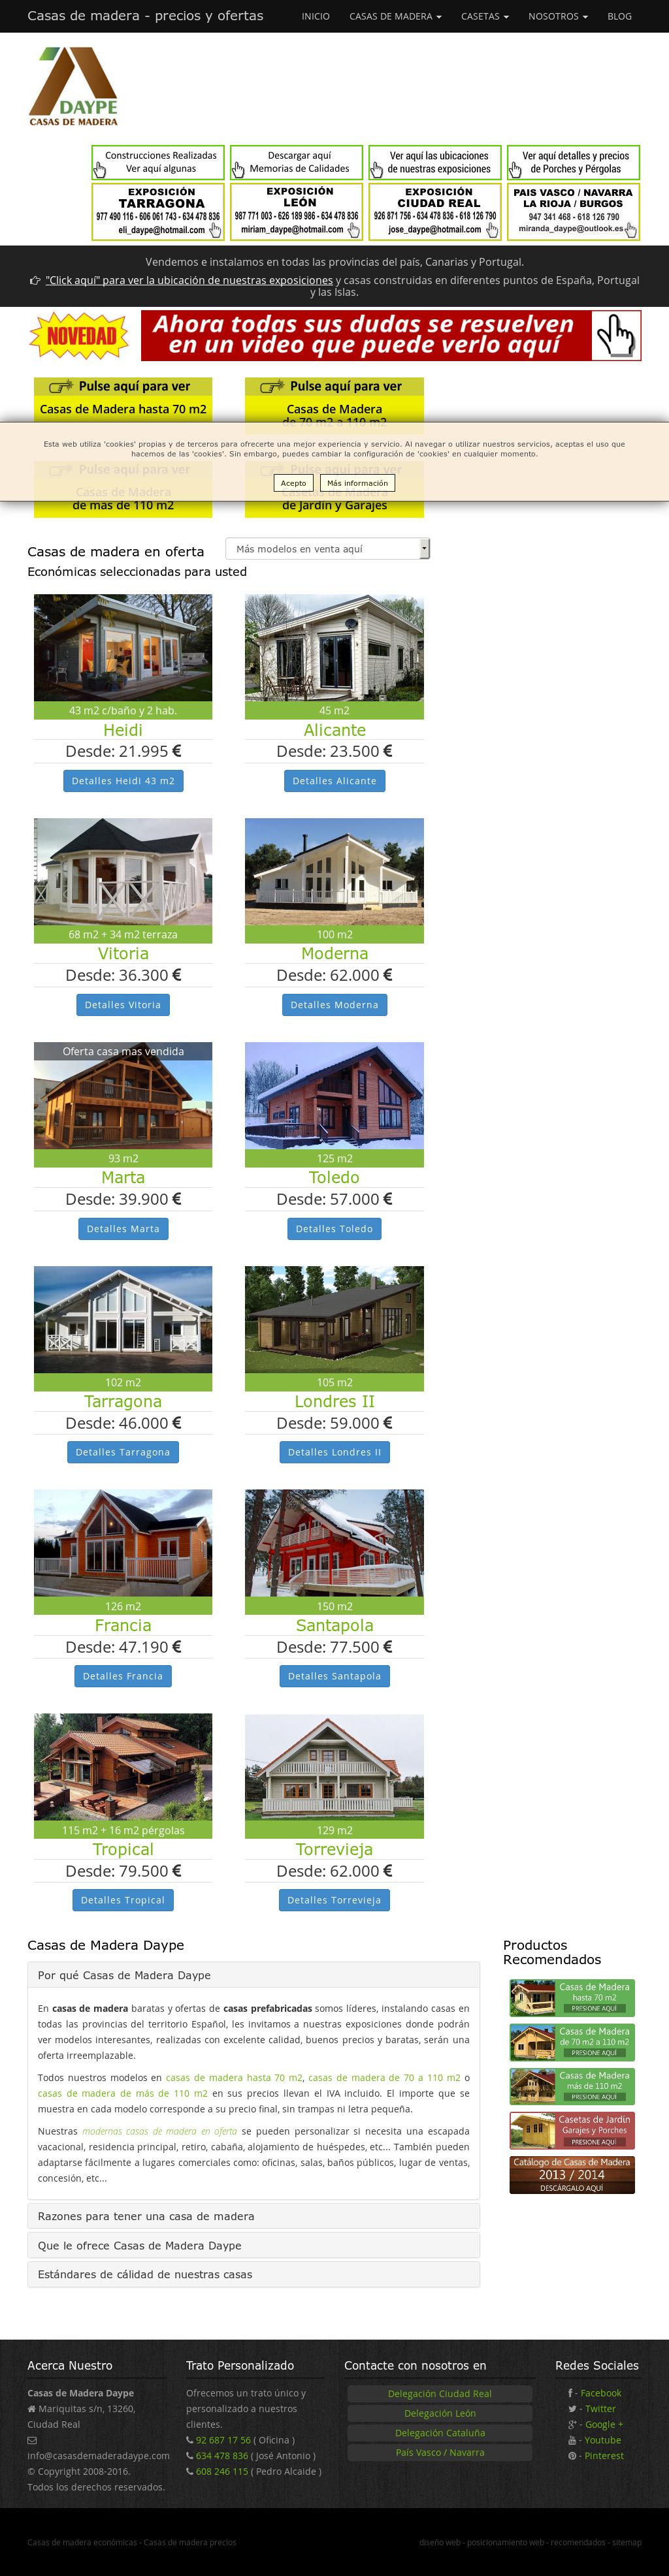 Casas De Madera Daype Precios Y Ofertas Competitors Revenue And